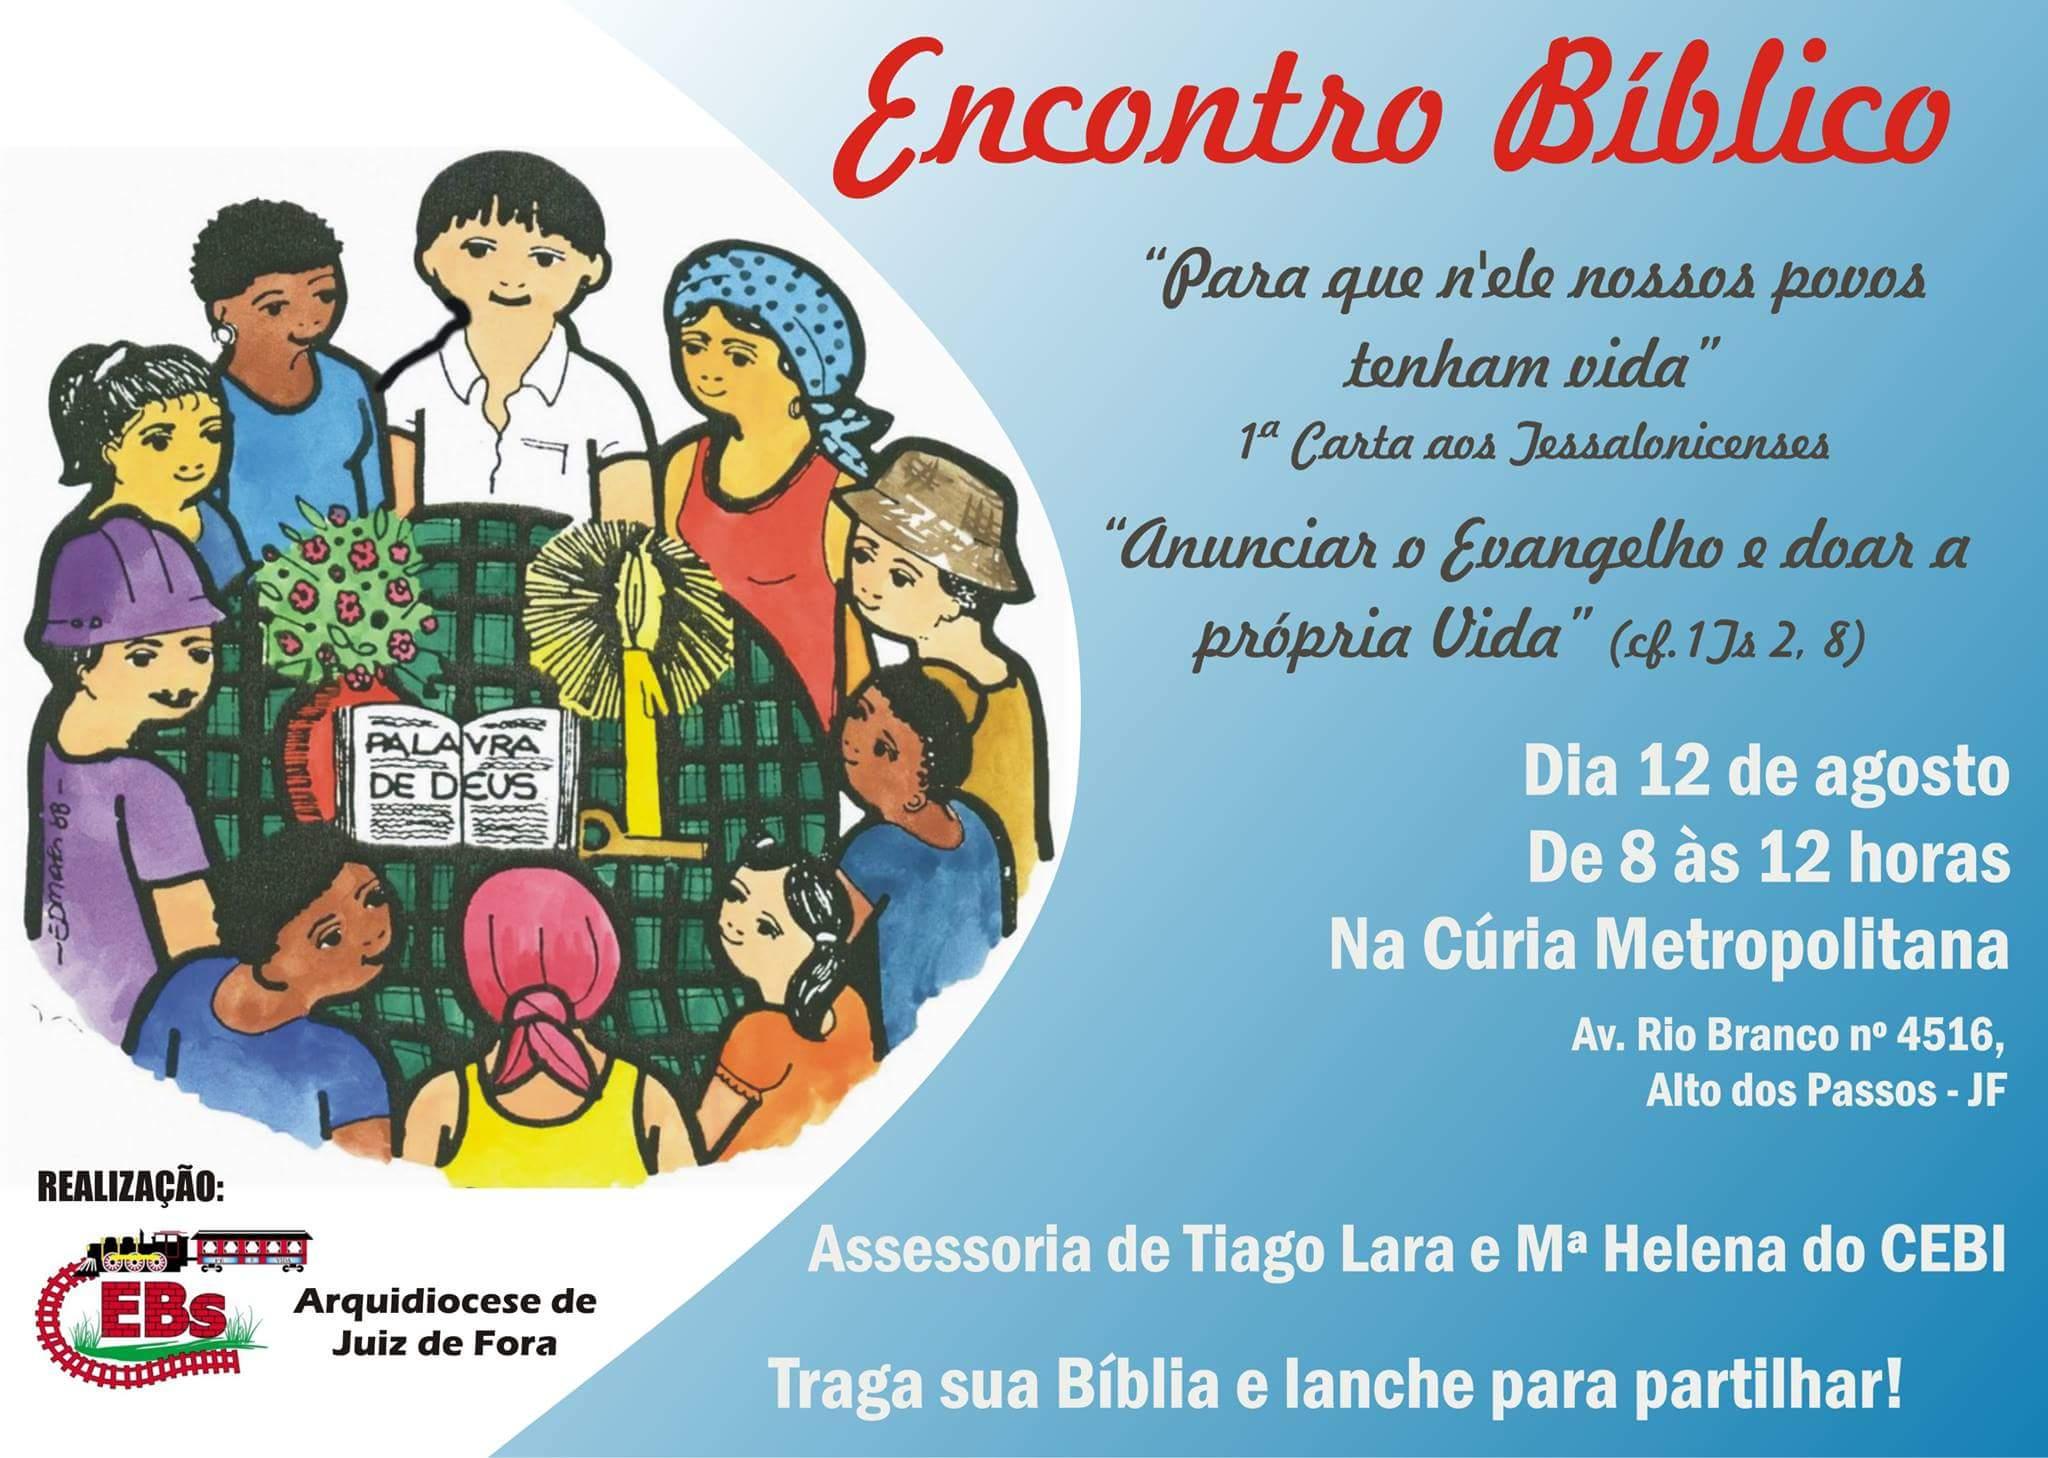 Encontro Bíblico CEBs